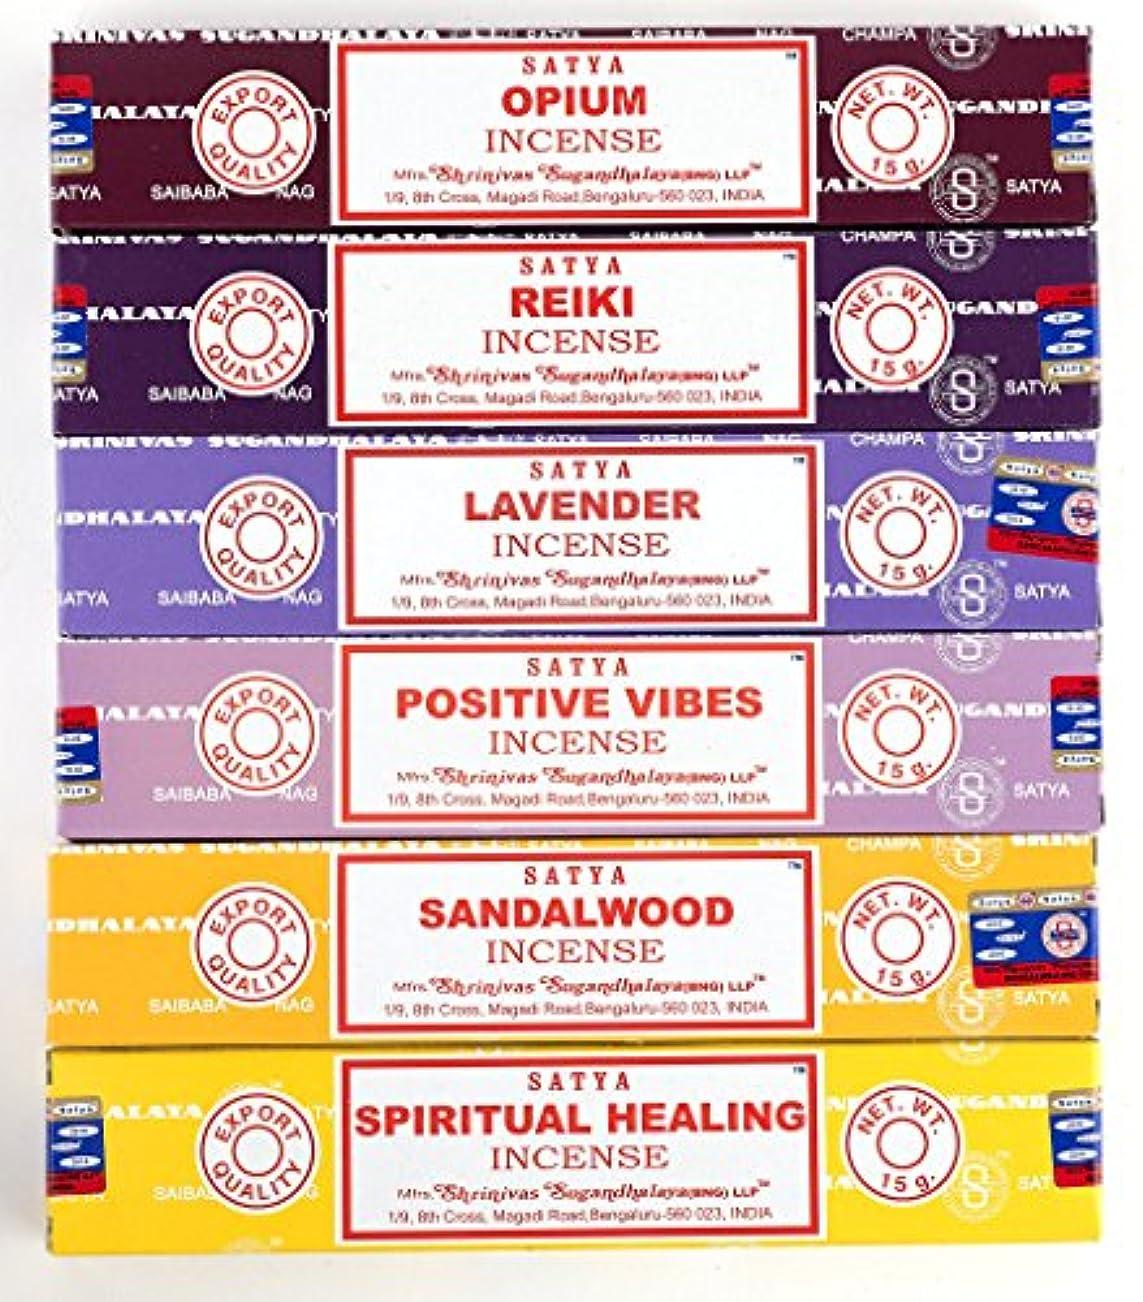 慈善に勝るやるNag Champa 6 Piece Variety Pack – Opium、レイキ、ラベンダー、Positive Vibes、サンダルウッド、Spiritual Healing